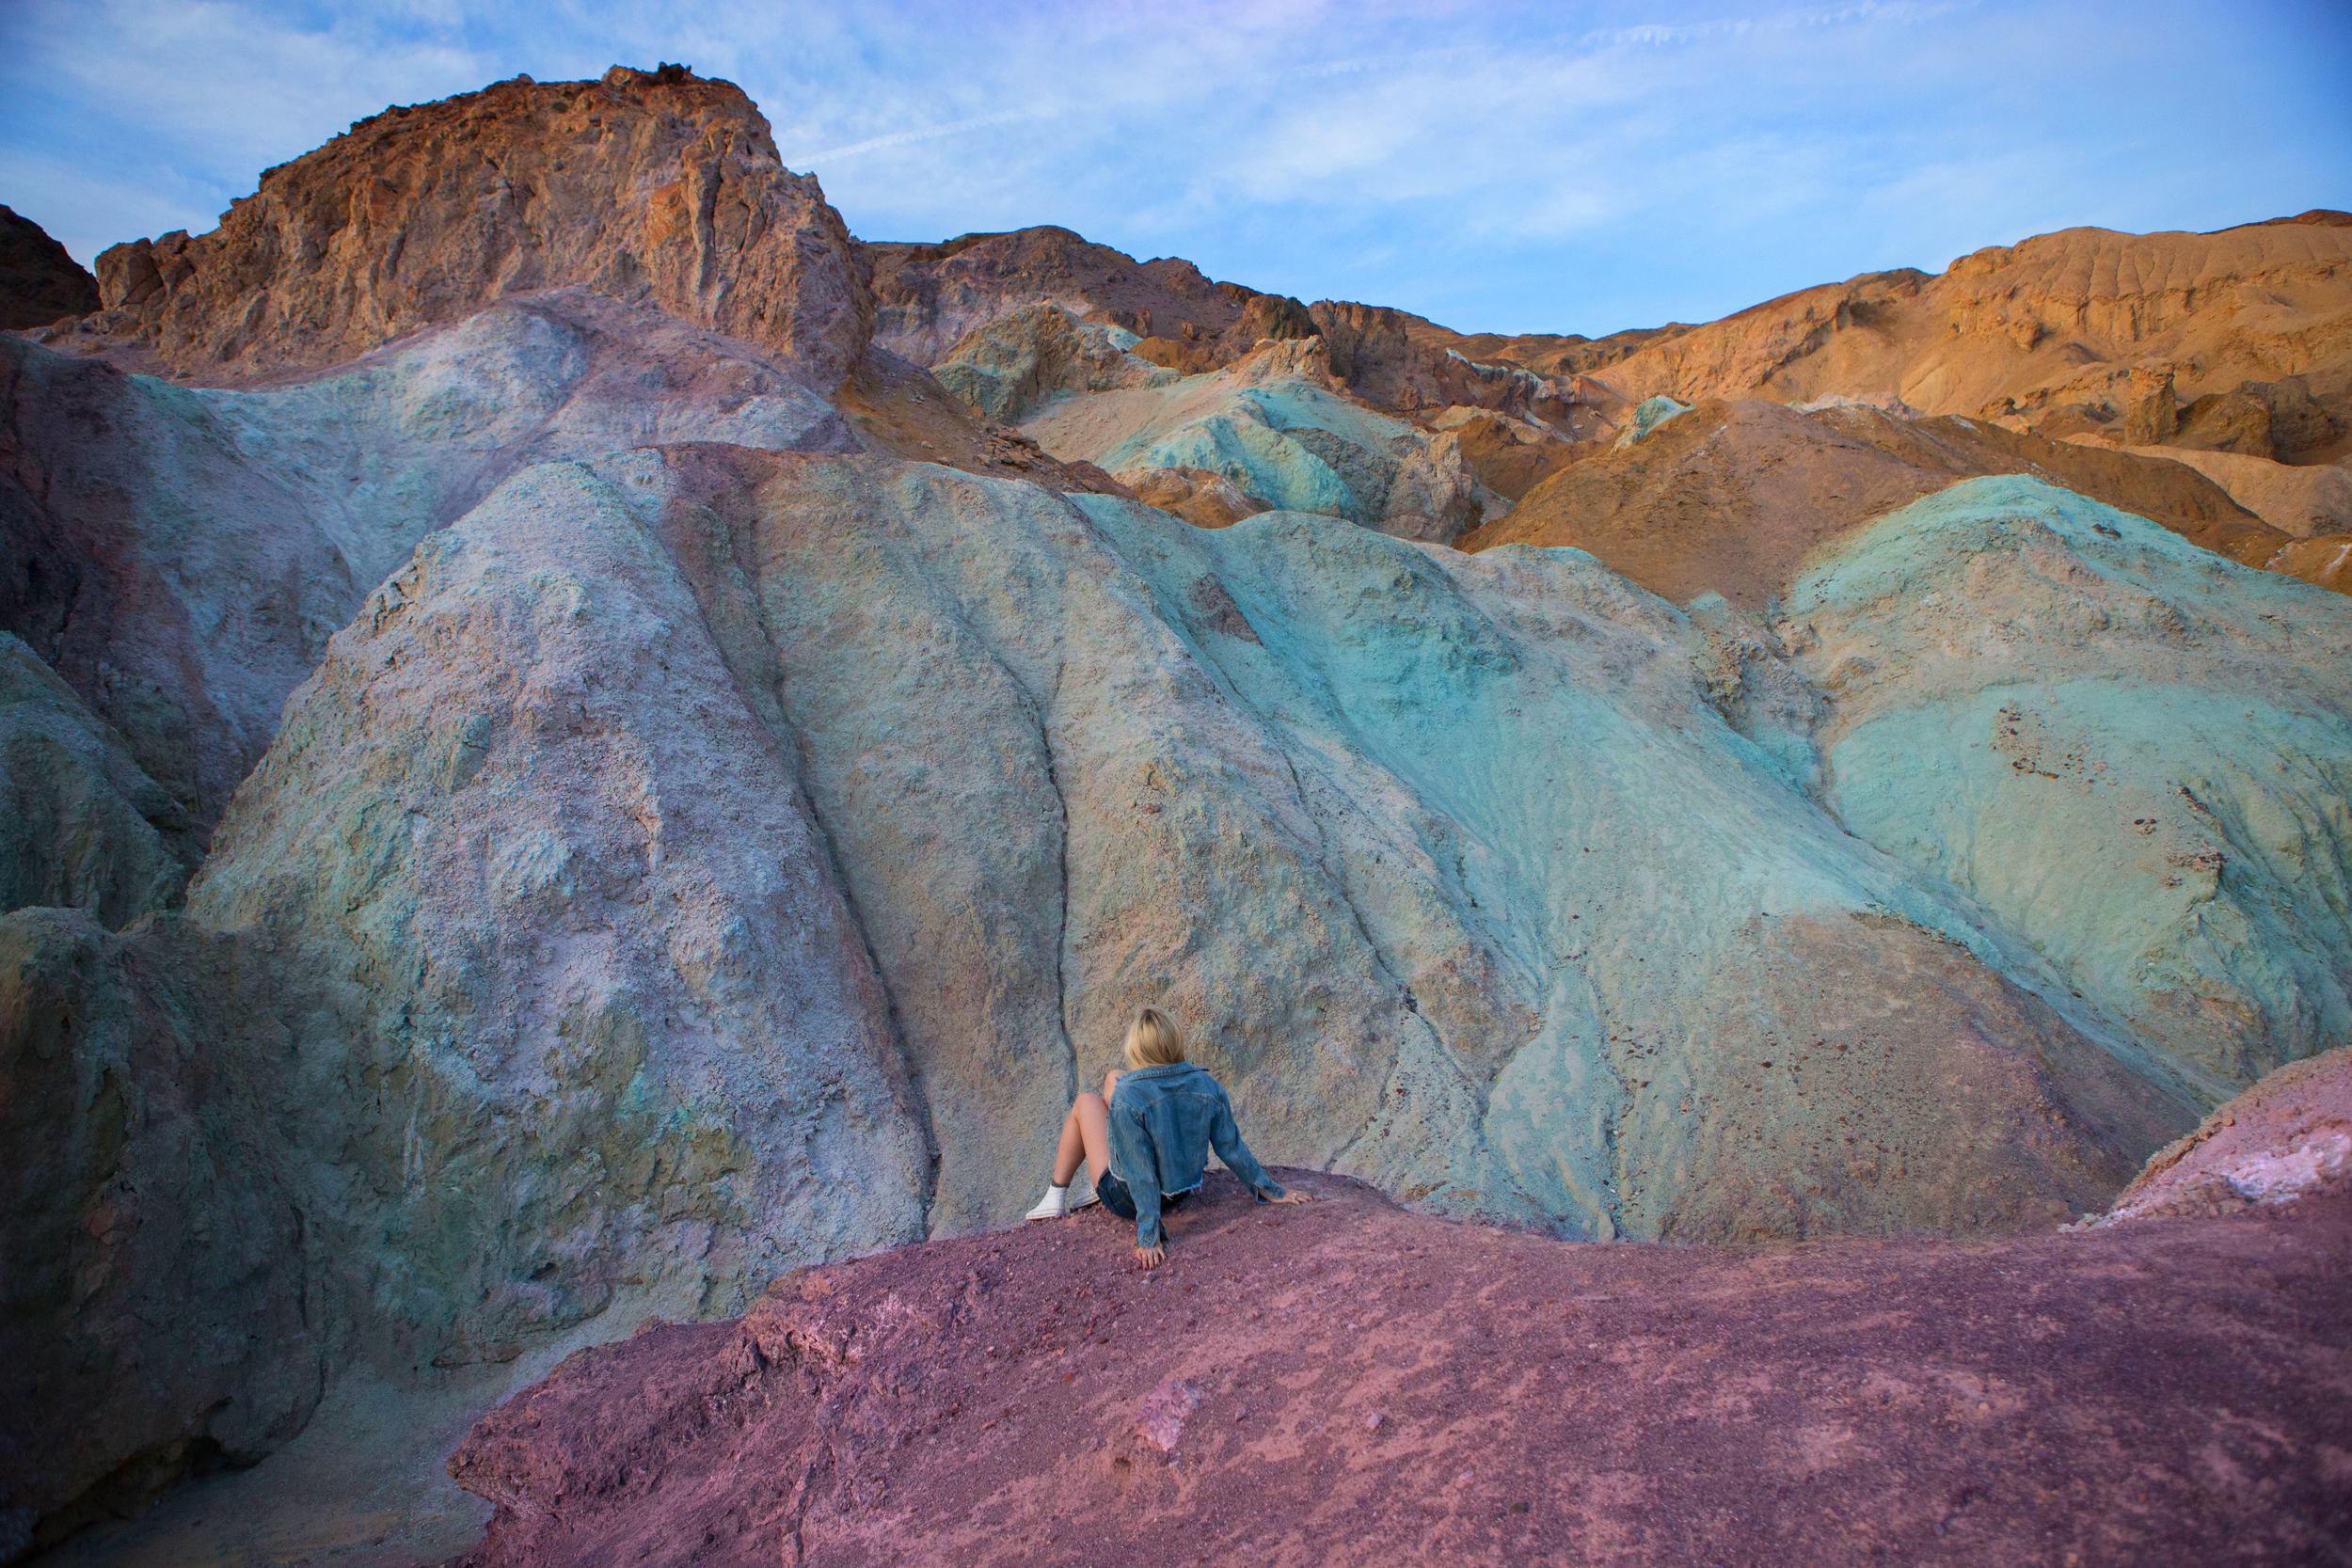 AstroBandit_JordanRose_ColorfulSurroundings_ArtistsPalette_DeathValley_UrbanOutfitters_1.jpg